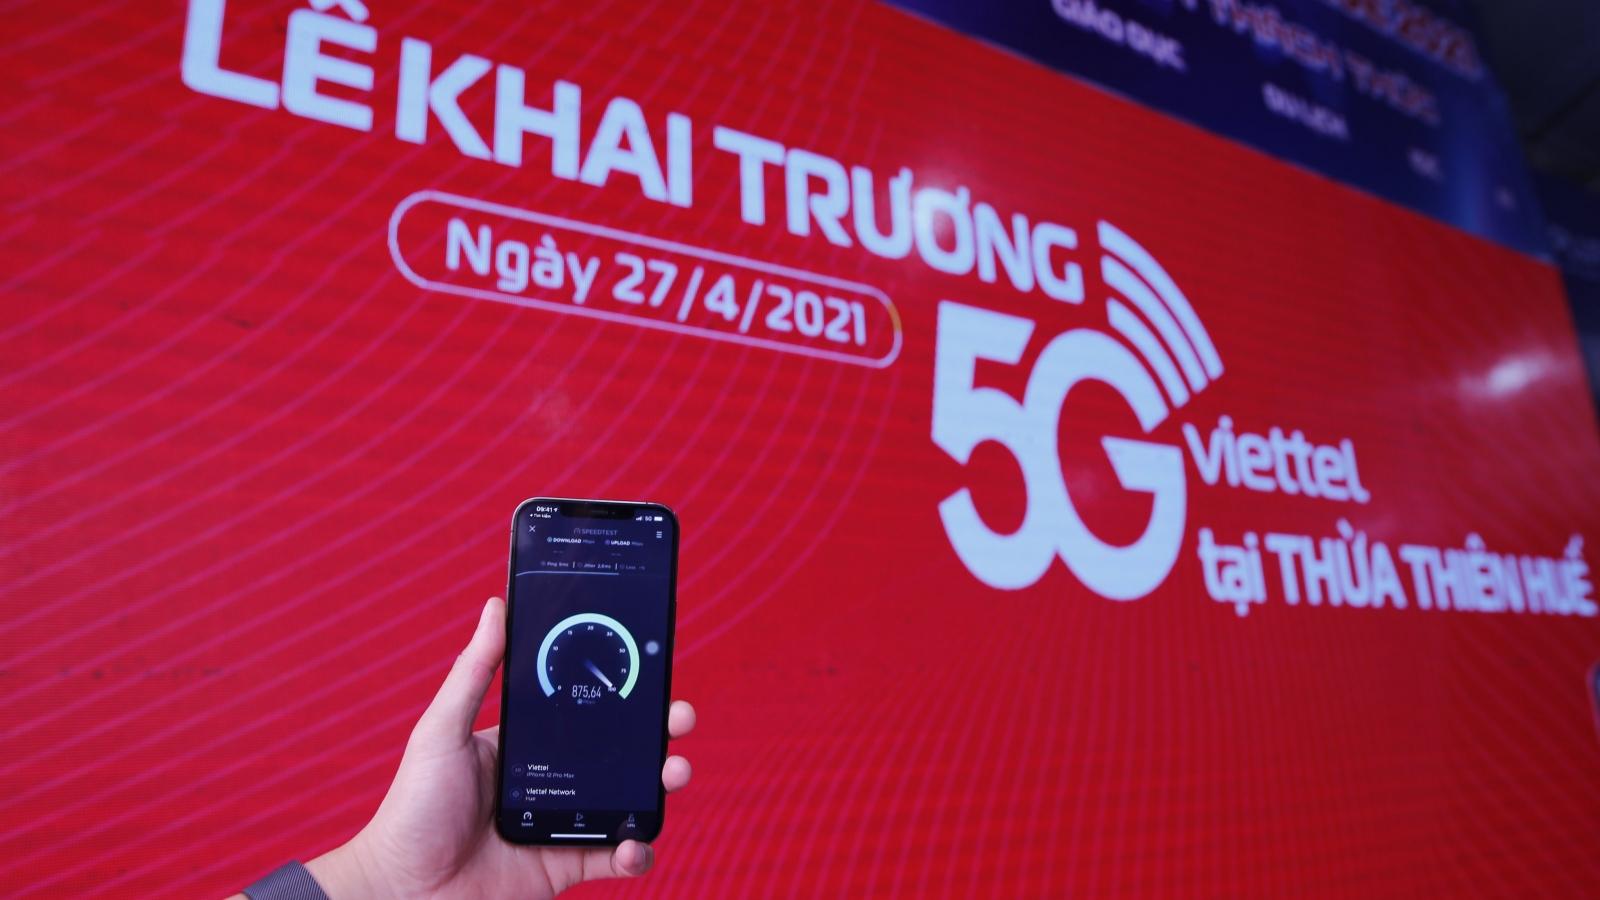 Viettel khai trương mạng 5G tại Thừa Thiên Huế, chính thức cung cấp 5G trên iPhone